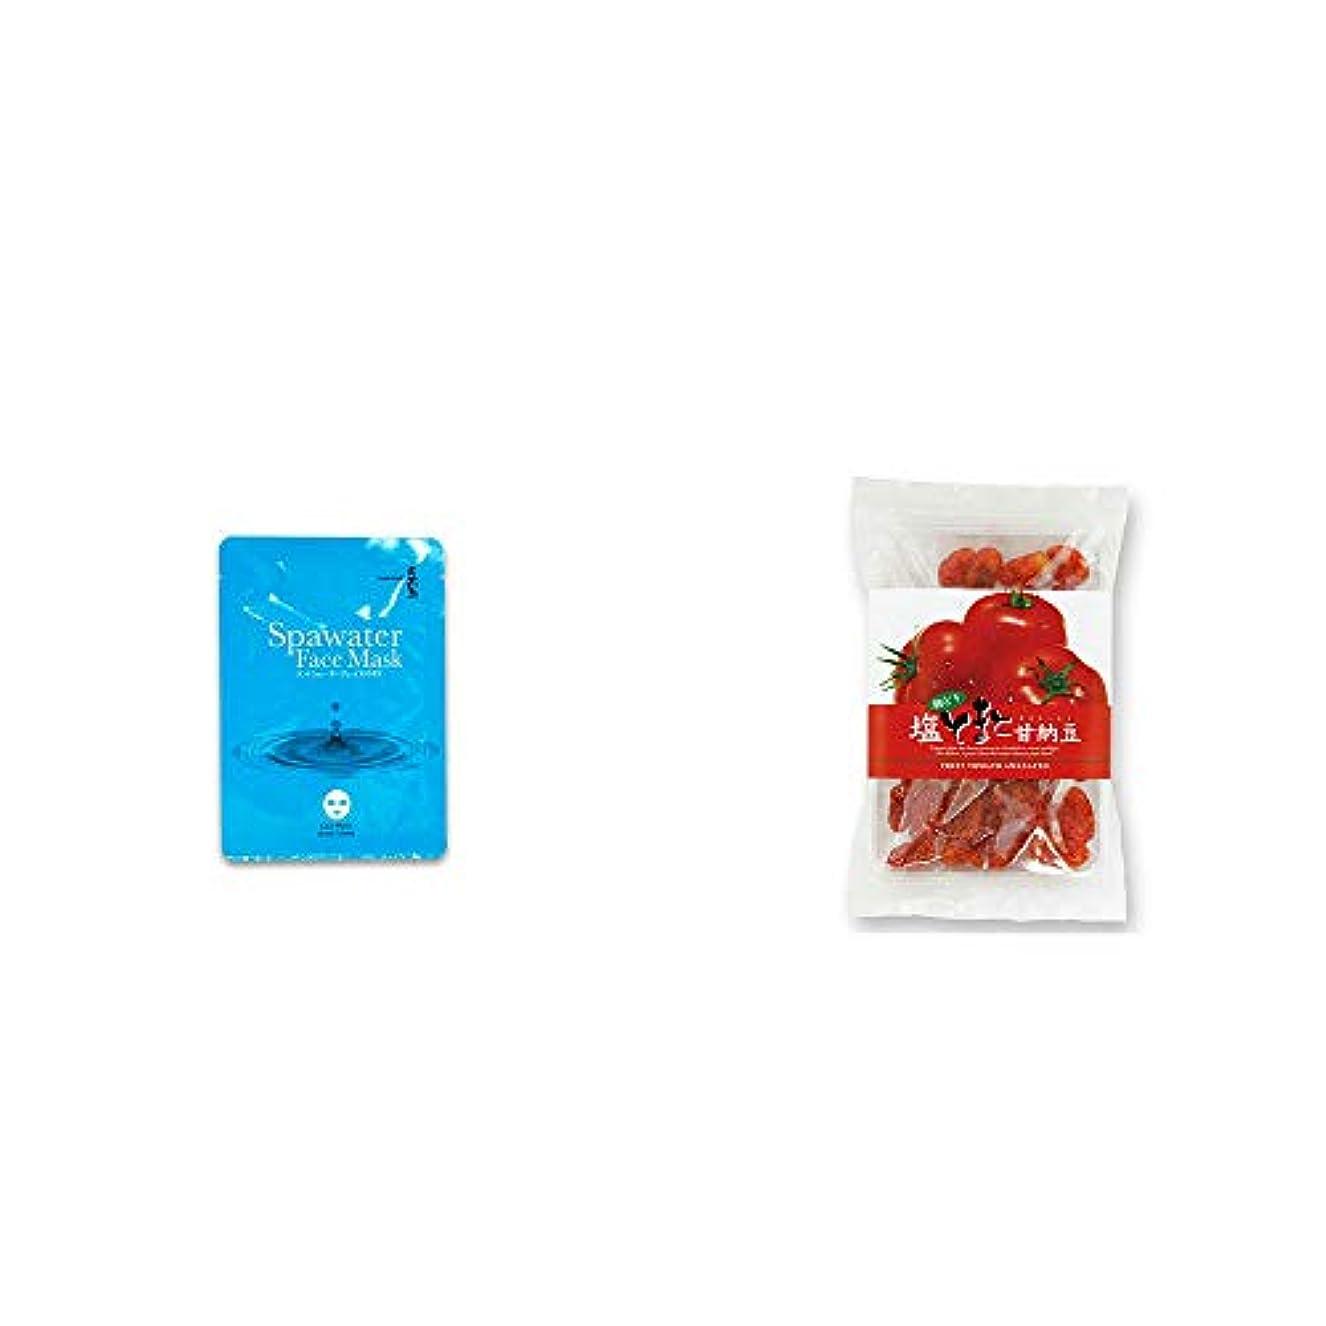 リークアーチ進化[2点セット] ひのき炭黒泉 スパウォーターフェイスマスク(18ml×3枚入)?朝どり 塩とまと甘納豆(150g)